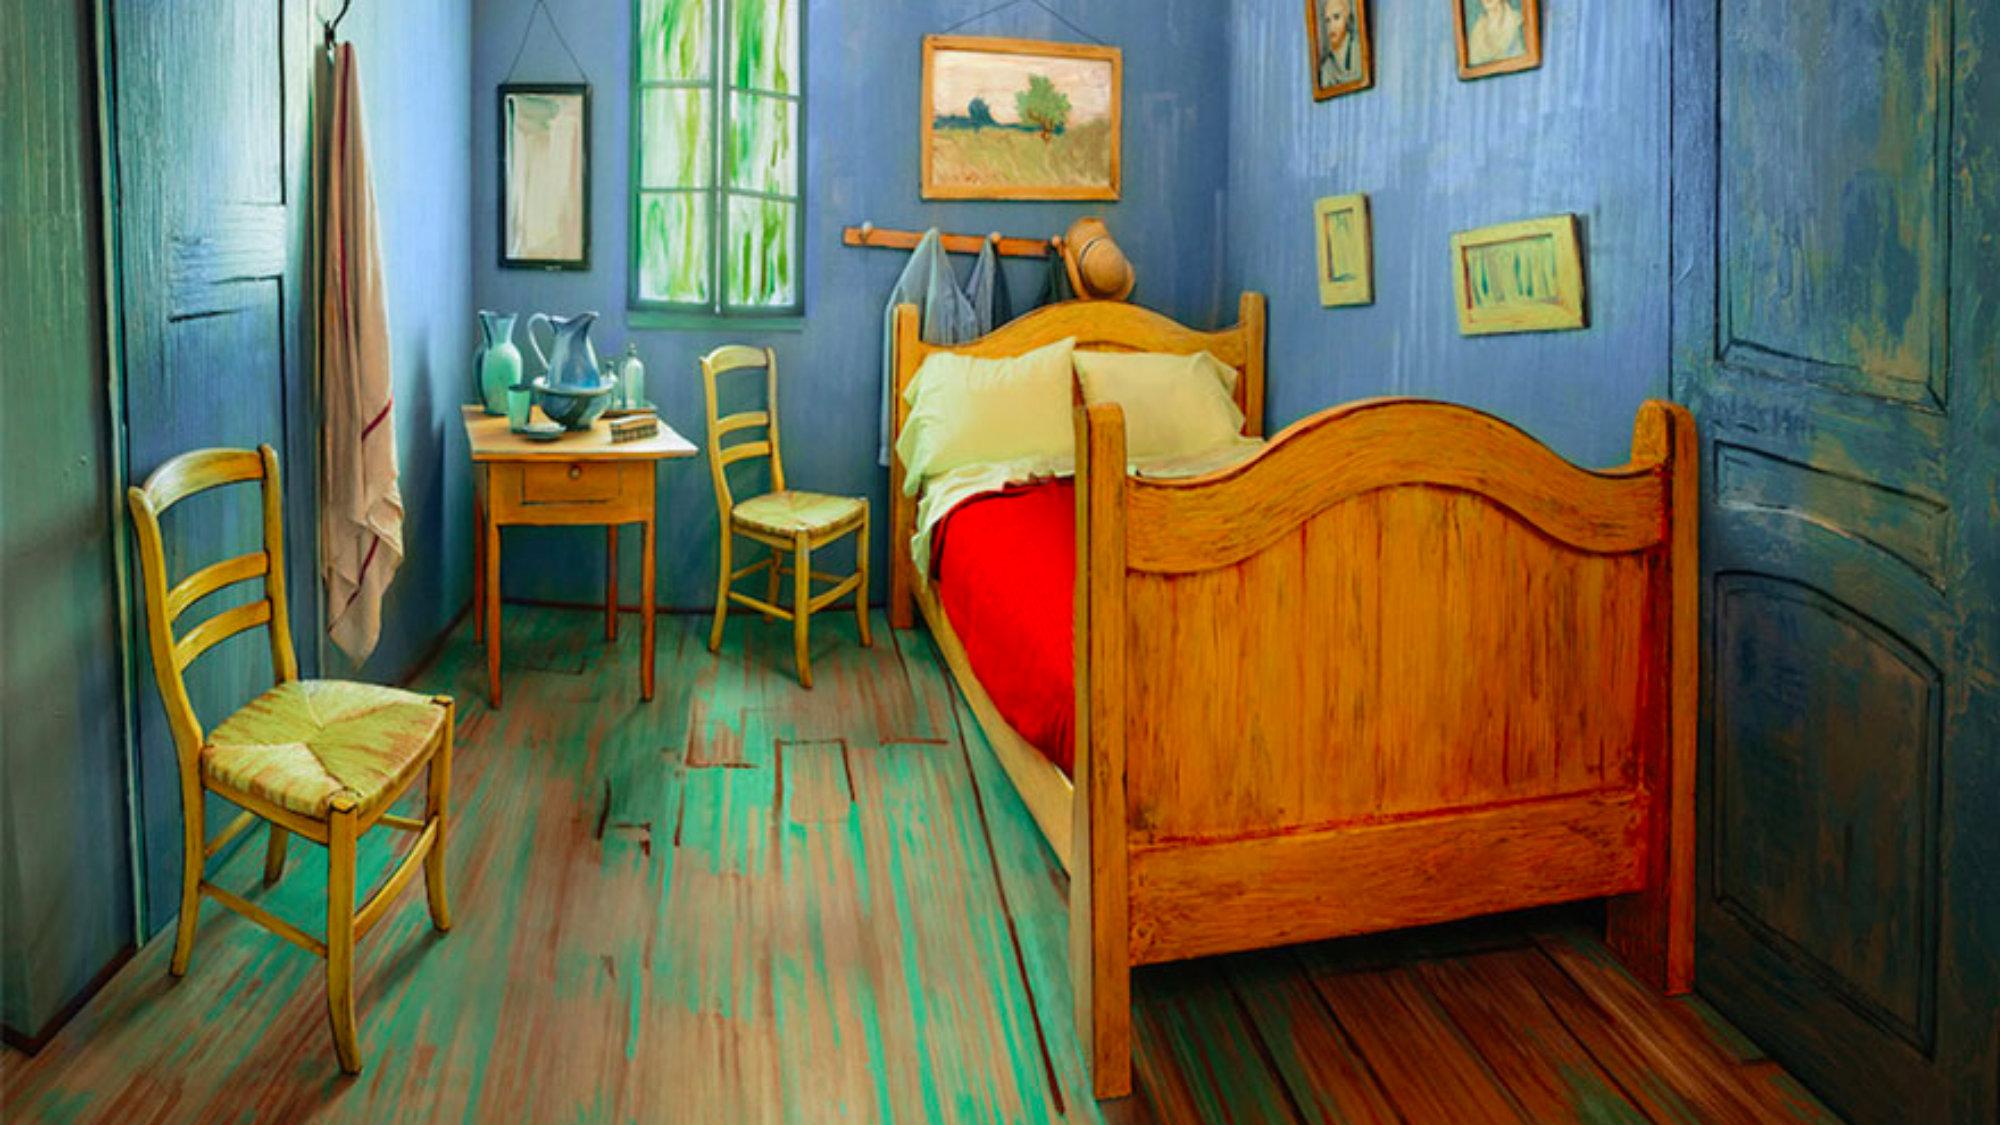 Vincent Van Gogh Bedroom In Arles Meaning